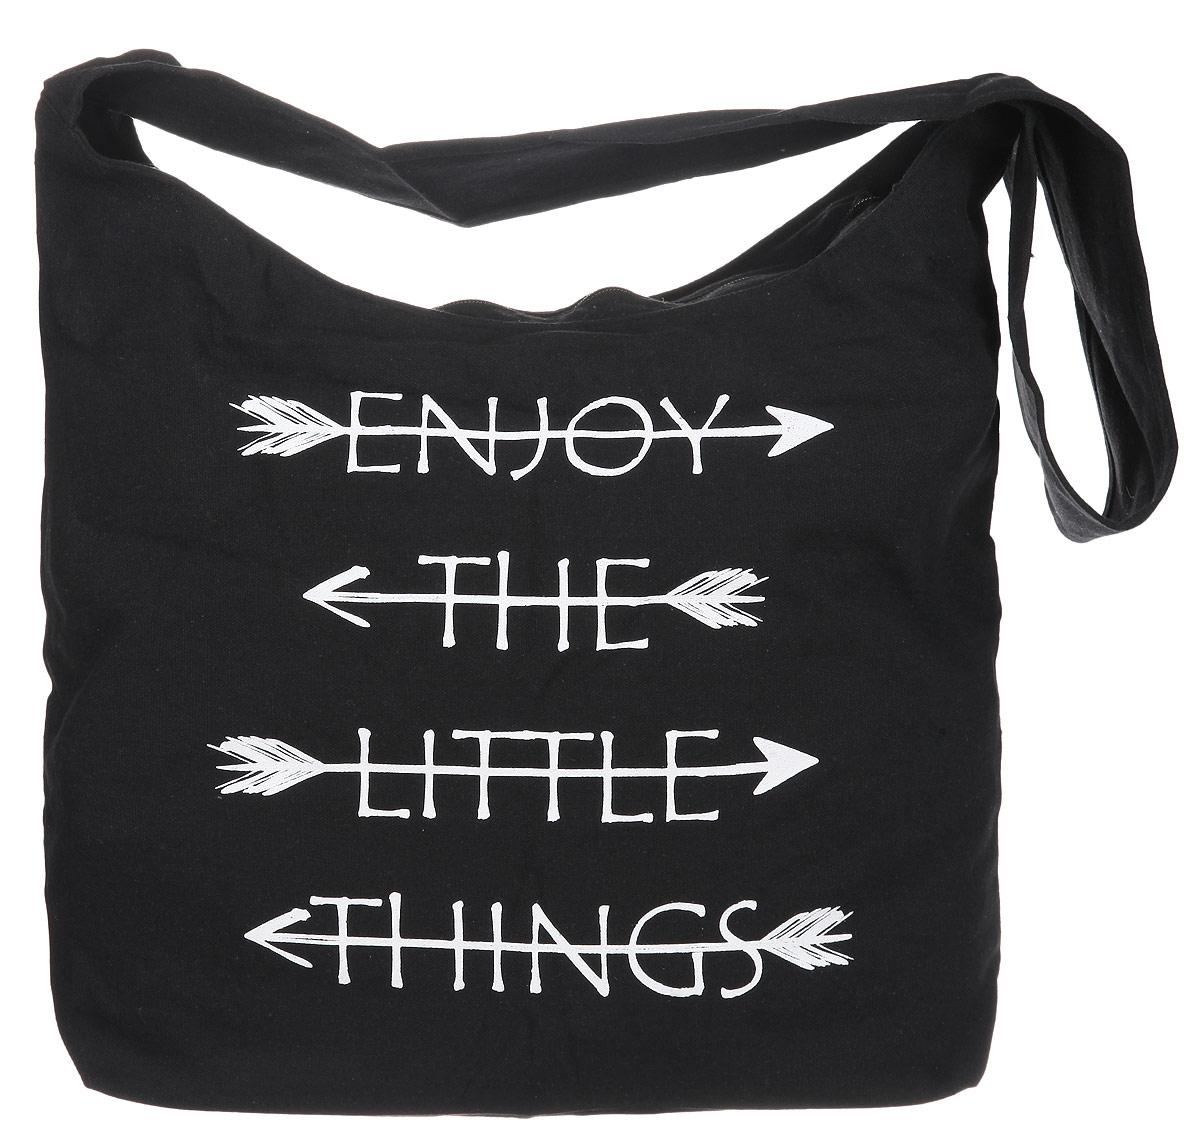 Сумка женская Moodo, цвет: черный. L-TO-2004L-TO-2004 BLACKУниверсальная хлопковая сумка Moodo оформлена стильным принтом с надписями на английском языке. Сумка имеет одно вместительное отделение, закрывающееся на застежку-молнию. Внутри изделия расположен нашивной кармашек на молнии. Сумка оснащена удобной лямкой, которая позволит носить изделие, как в руках, так и на плече. Модная сумка идеально подчеркнет ваш неповторимый стиль.